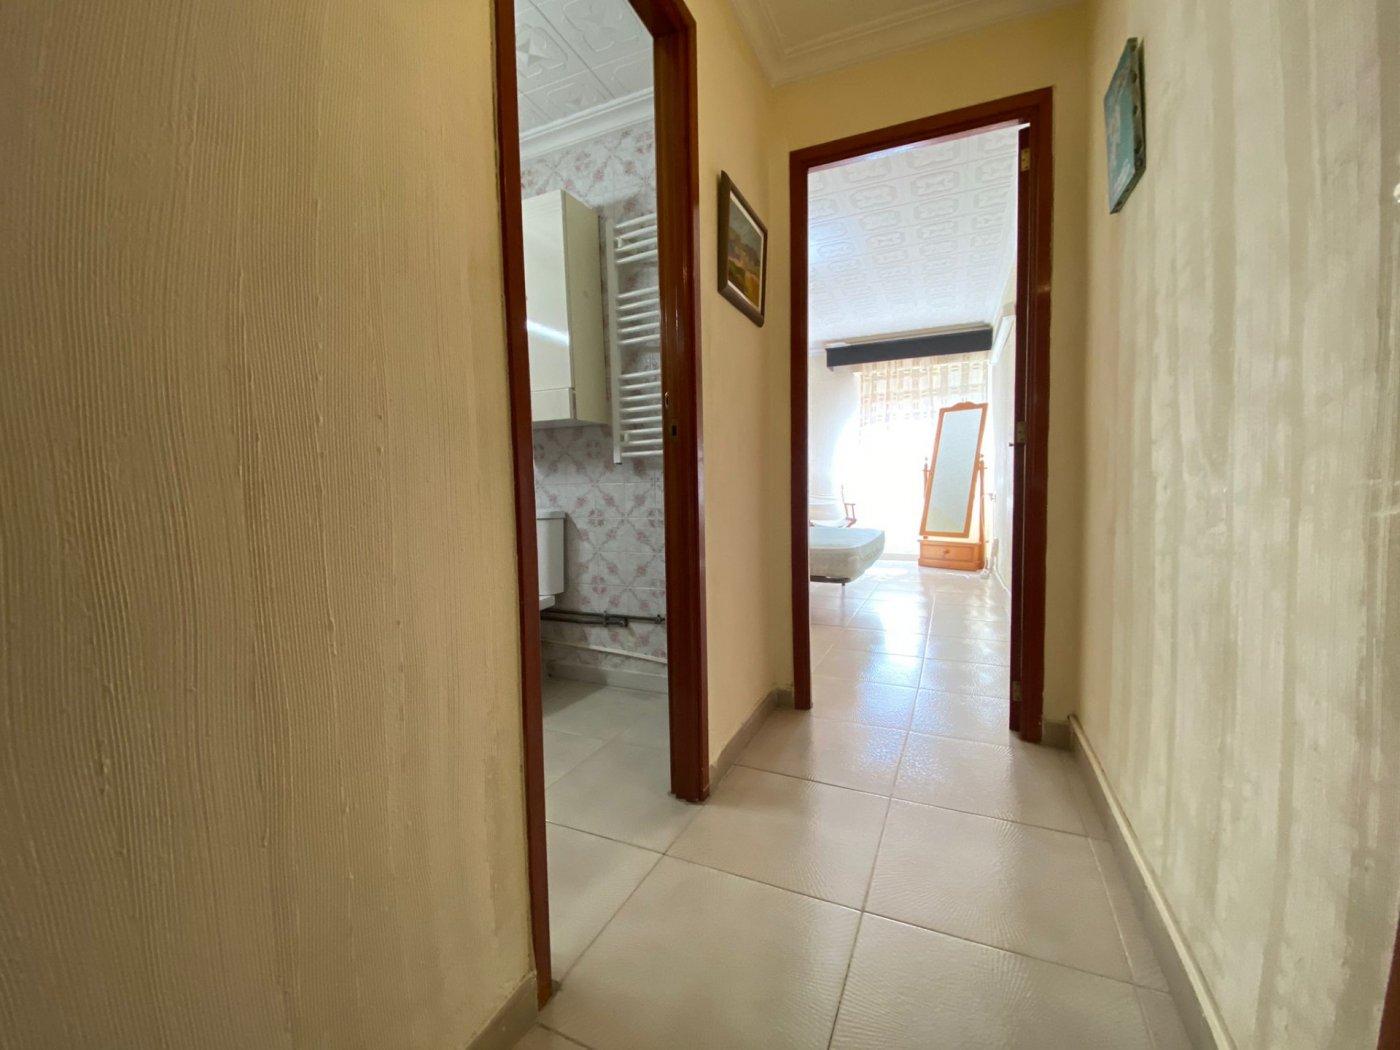 Señorial piso en palma, posibilidad alquiler con opción a compra - imagenInmueble12